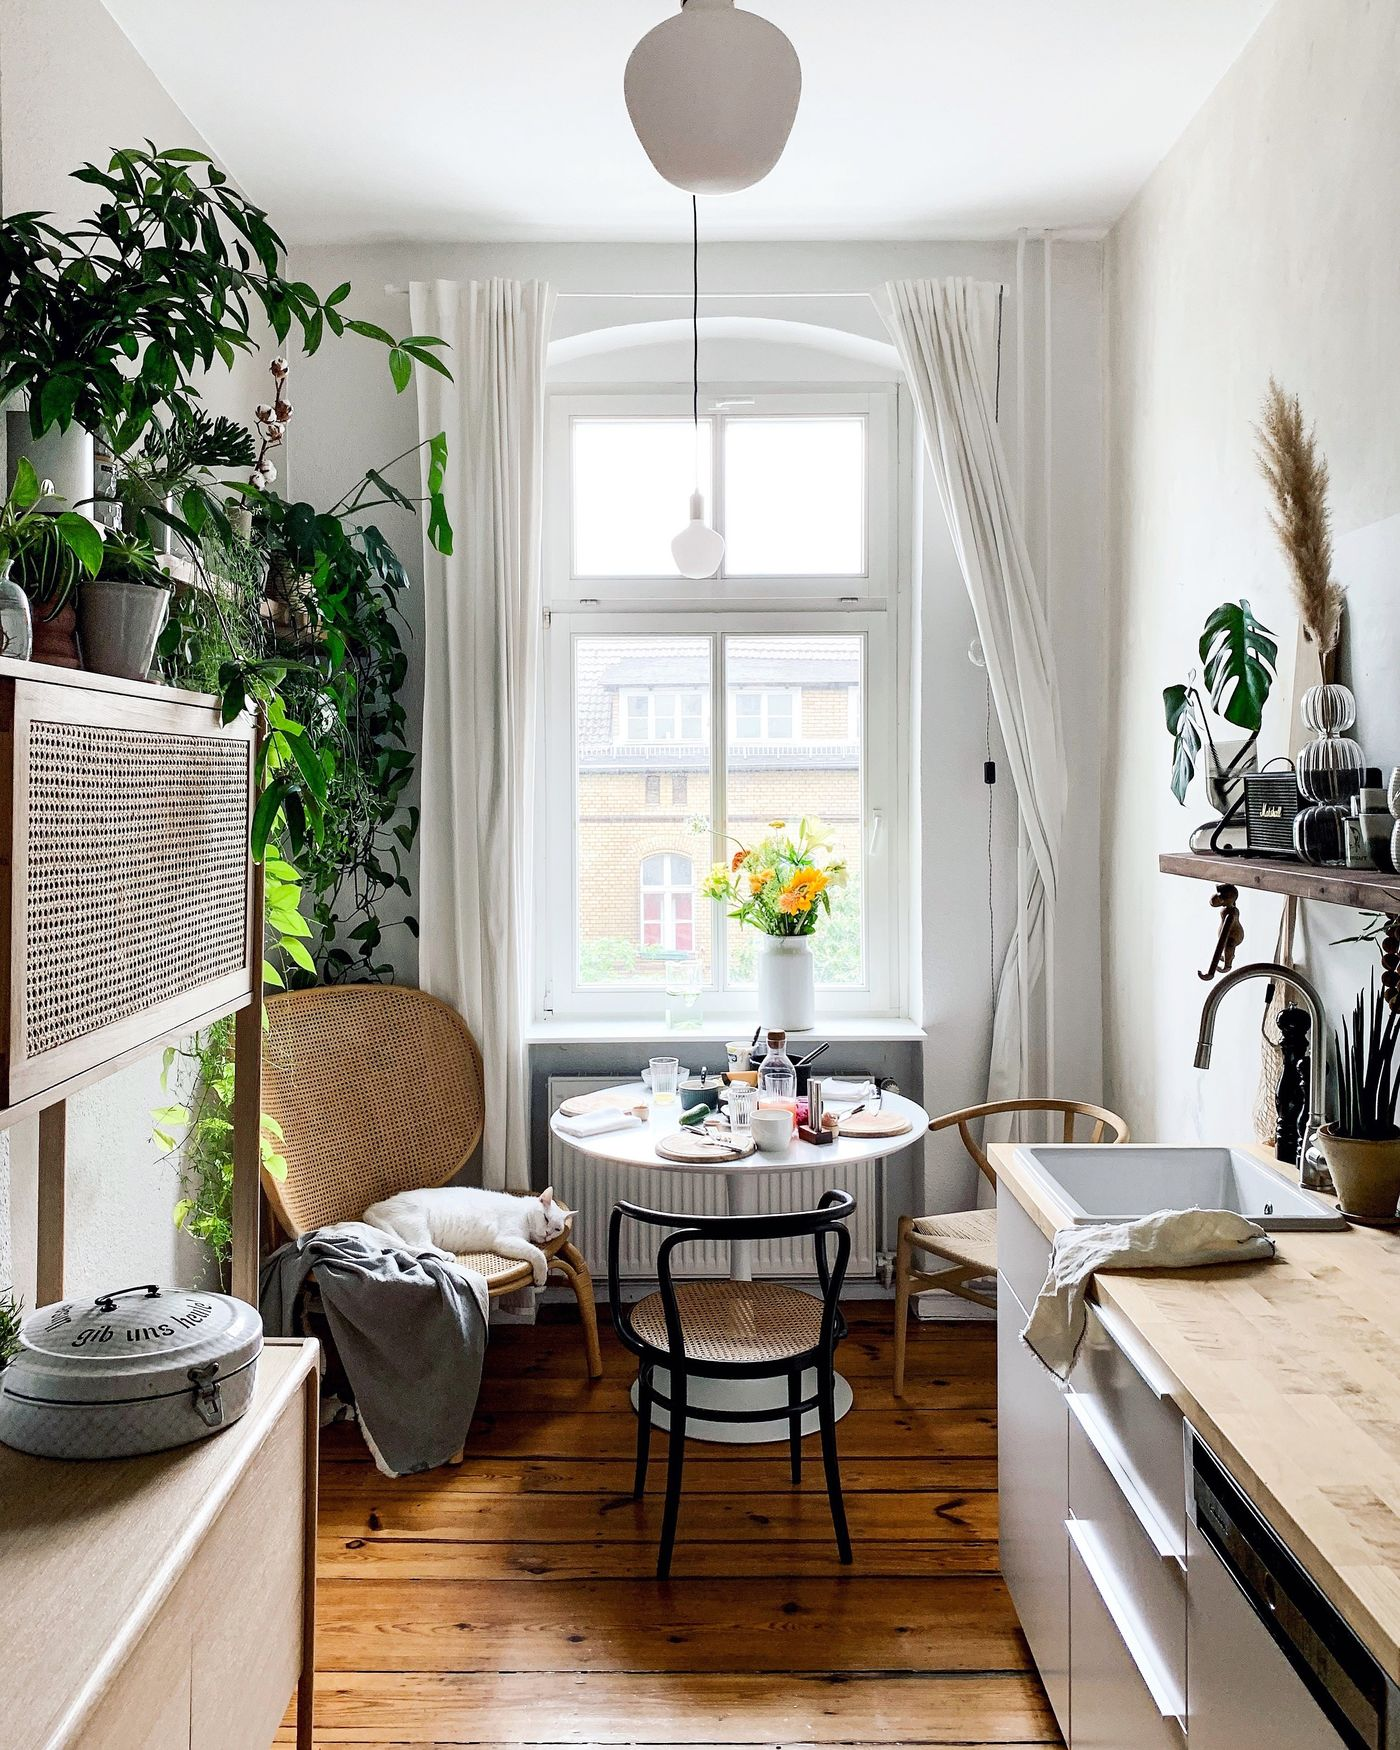 Bekannt Kleine Küchen & Singleküchen einrichten QC93